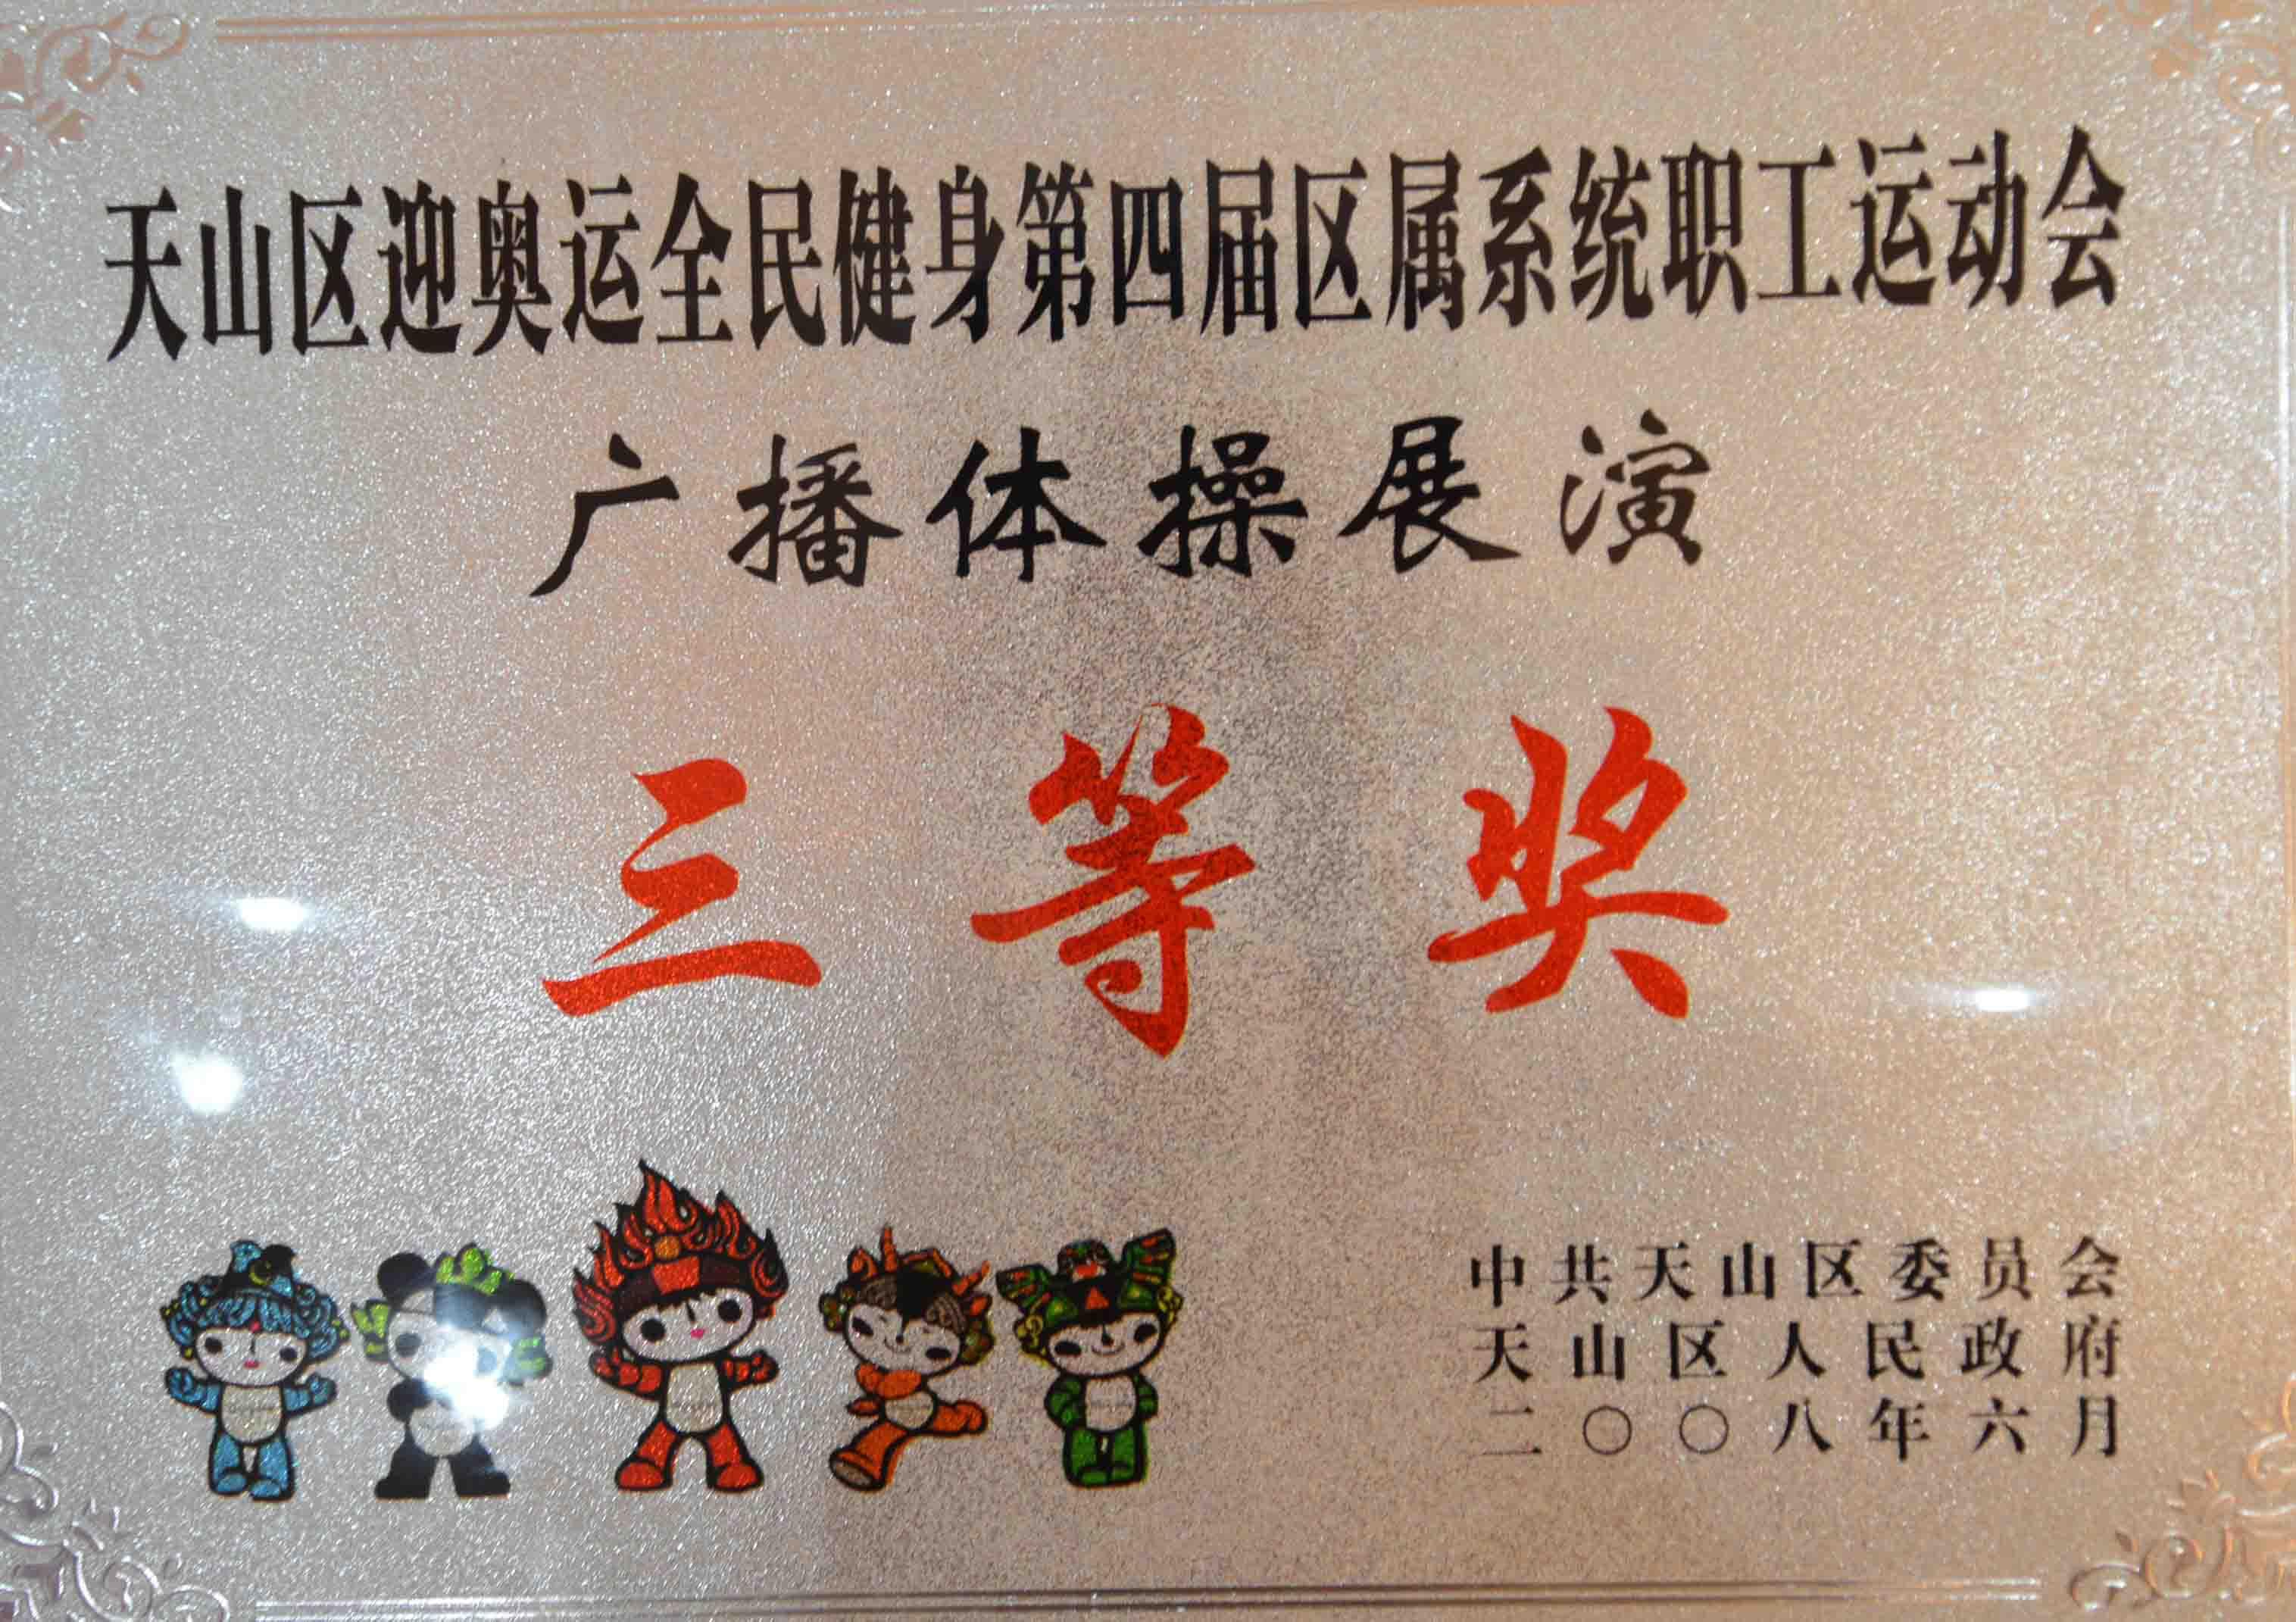 2008年天山区第四届区属职工运动会广播体操展演三等奖